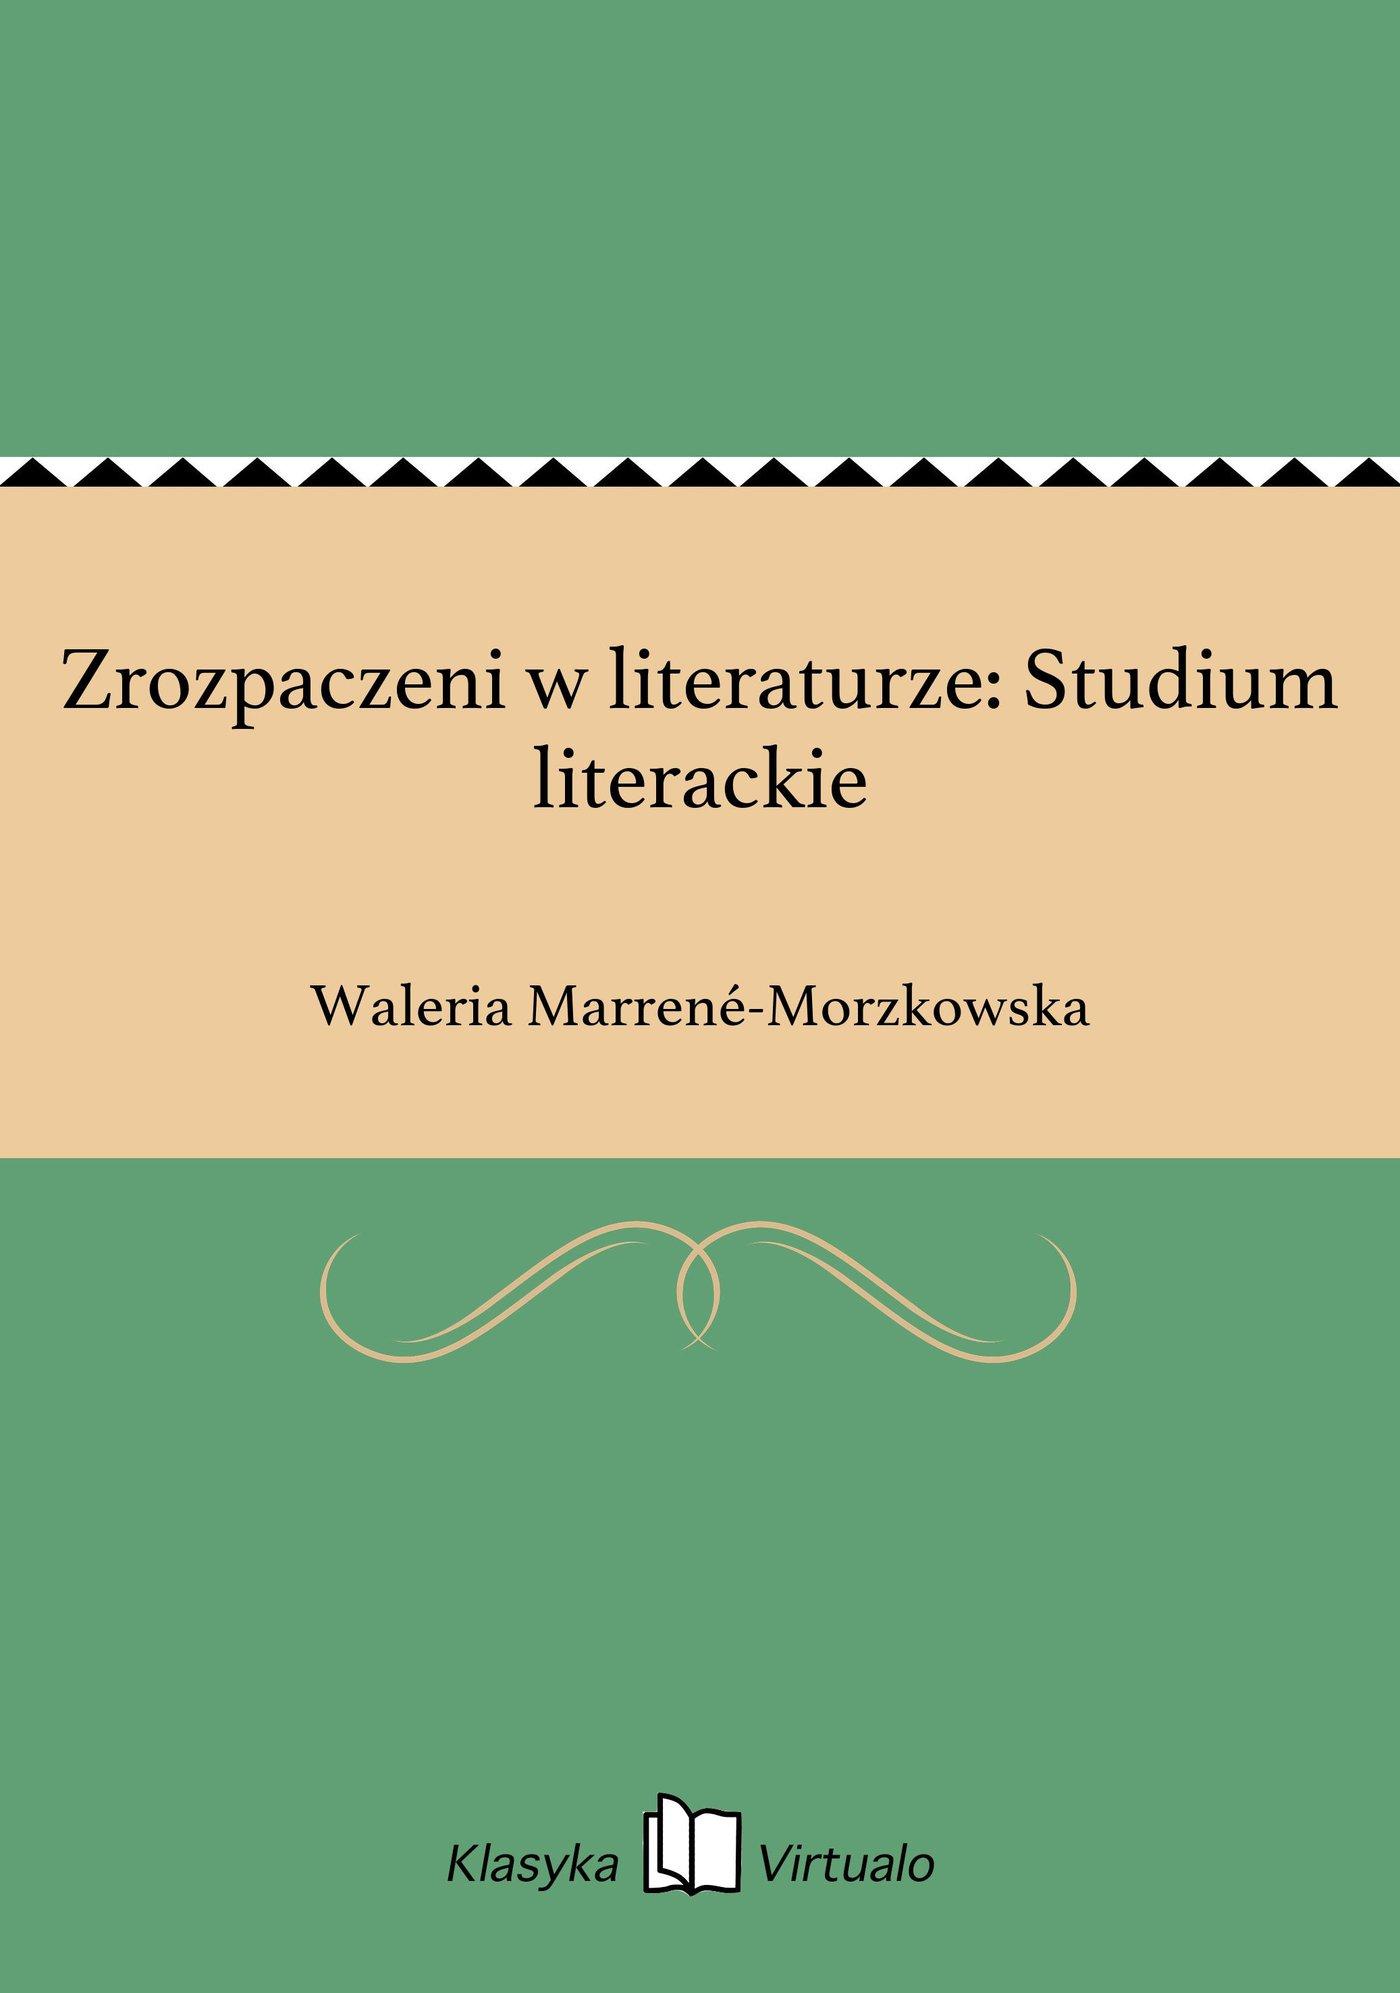 Zrozpaczeni w literaturze: Studium literackie - Ebook (Książka EPUB) do pobrania w formacie EPUB